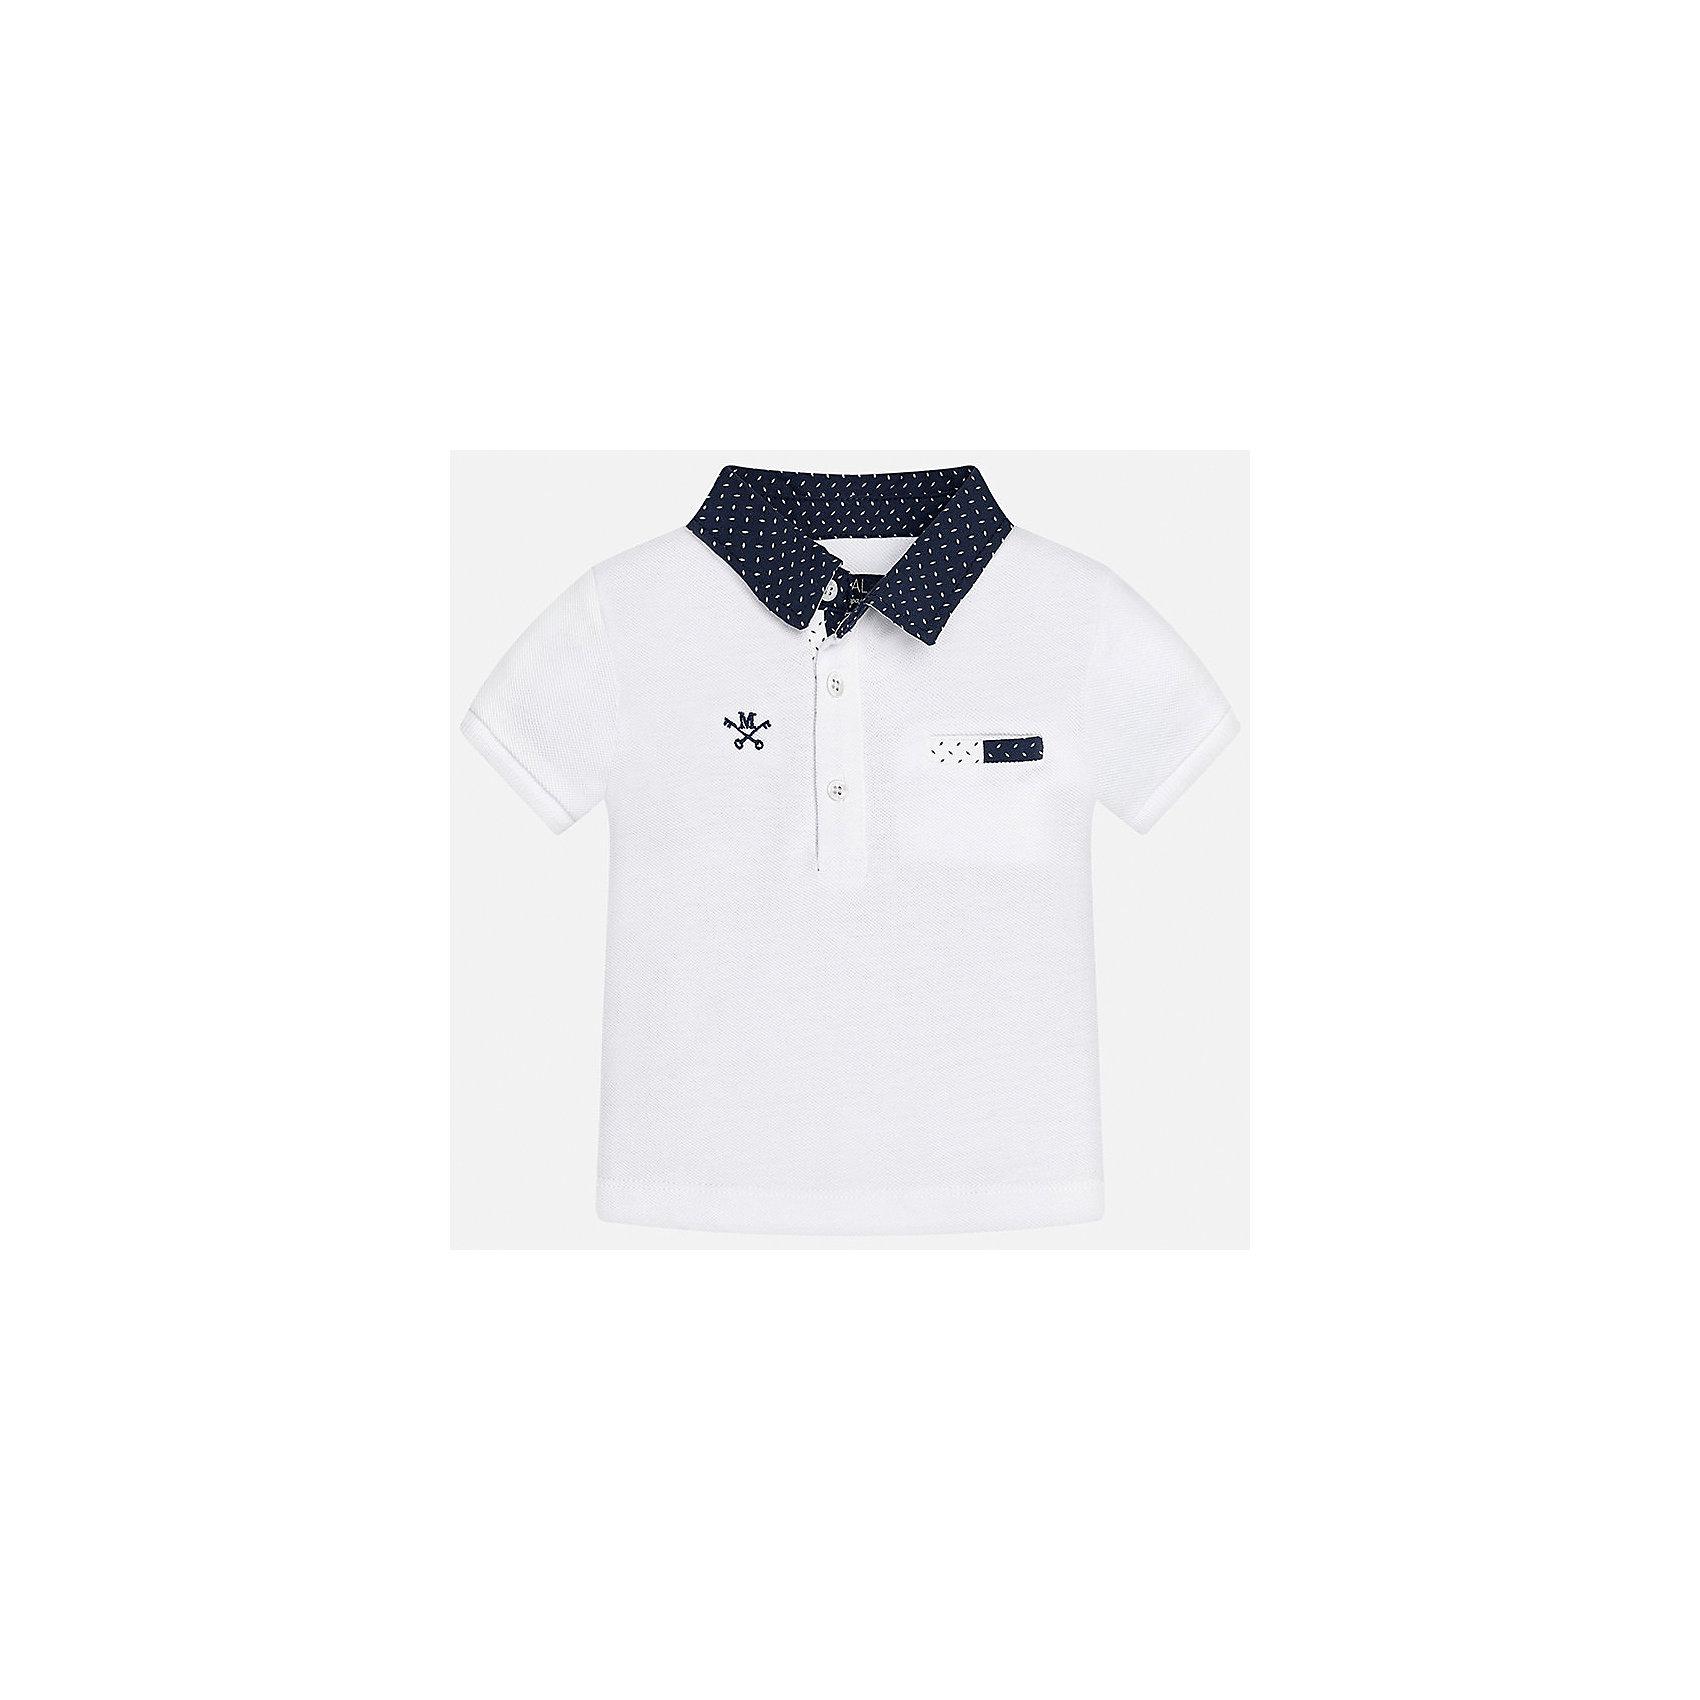 Футболка-поло для мальчика MayoralФутболки, топы<br>Характеристики товара:<br><br>• цвет: белый<br>• состав: 100% хлопок<br>• отложной воротник<br>• короткие рукава<br>• застежка: пуговицы<br>• вышивка и карман на груди<br>• страна бренда: Испания<br><br>Удобная и модная рубашка-поло для мальчика может стать базовой вещью в гардеробе ребенка. Она отлично сочетается с брюками, шортами, джинсами и т.д. Универсальный крой и цвет позволяет подобрать к вещи низ разных расцветок. Практичное и стильное изделие! В составе материала - только натуральный хлопок, гипоаллергенный, приятный на ощупь, дышащий.<br><br>Одежда, обувь и аксессуары от испанского бренда Mayoral полюбились детям и взрослым по всему миру. Модели этой марки - стильные и удобные. Для их производства используются только безопасные, качественные материалы и фурнитура. Порадуйте ребенка модными и красивыми вещами от Mayoral! <br><br>Футболку-поло для мальчика от испанского бренда Mayoral (Майорал) можно купить в нашем интернет-магазине.<br><br>Ширина мм: 199<br>Глубина мм: 10<br>Высота мм: 161<br>Вес г: 151<br>Цвет: белый<br>Возраст от месяцев: 12<br>Возраст до месяцев: 18<br>Пол: Мужской<br>Возраст: Детский<br>Размер: 86,92,80<br>SKU: 5278538